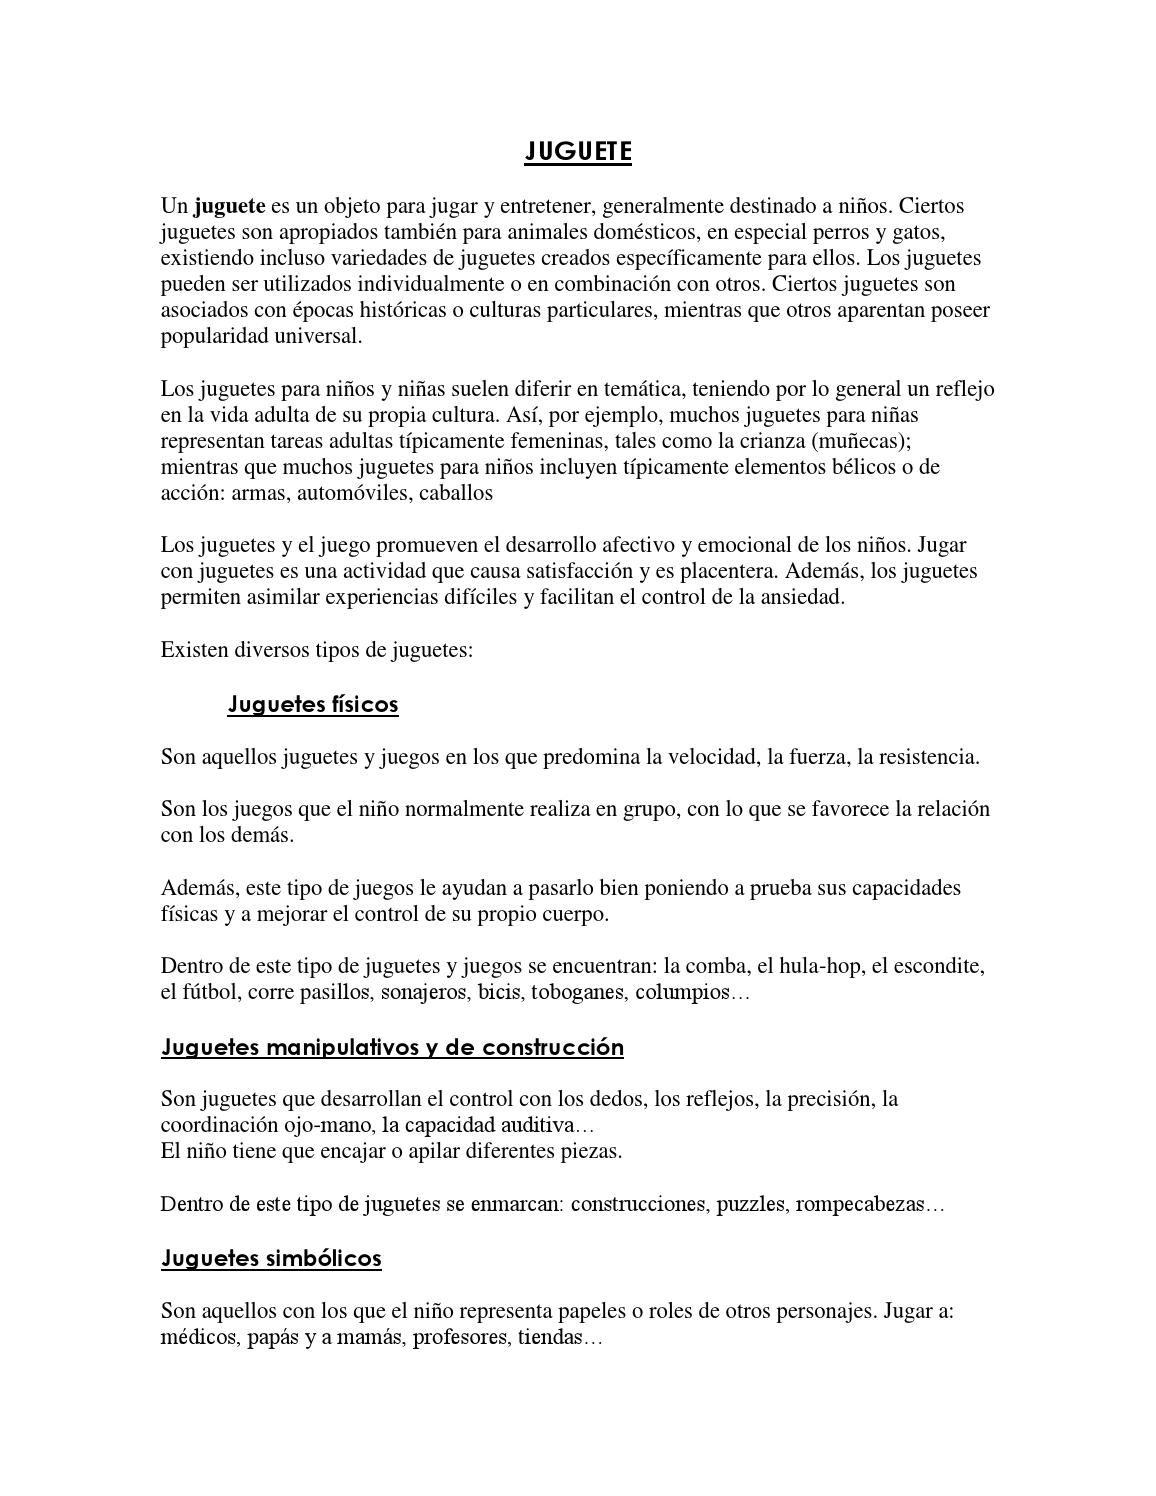 Issuu Juguete Juguete By Issuu Celiaramirez By Celiaramirez Celiaramirez Juguete Issuu By Juguete Celiaramirez By FKJ1c3lT